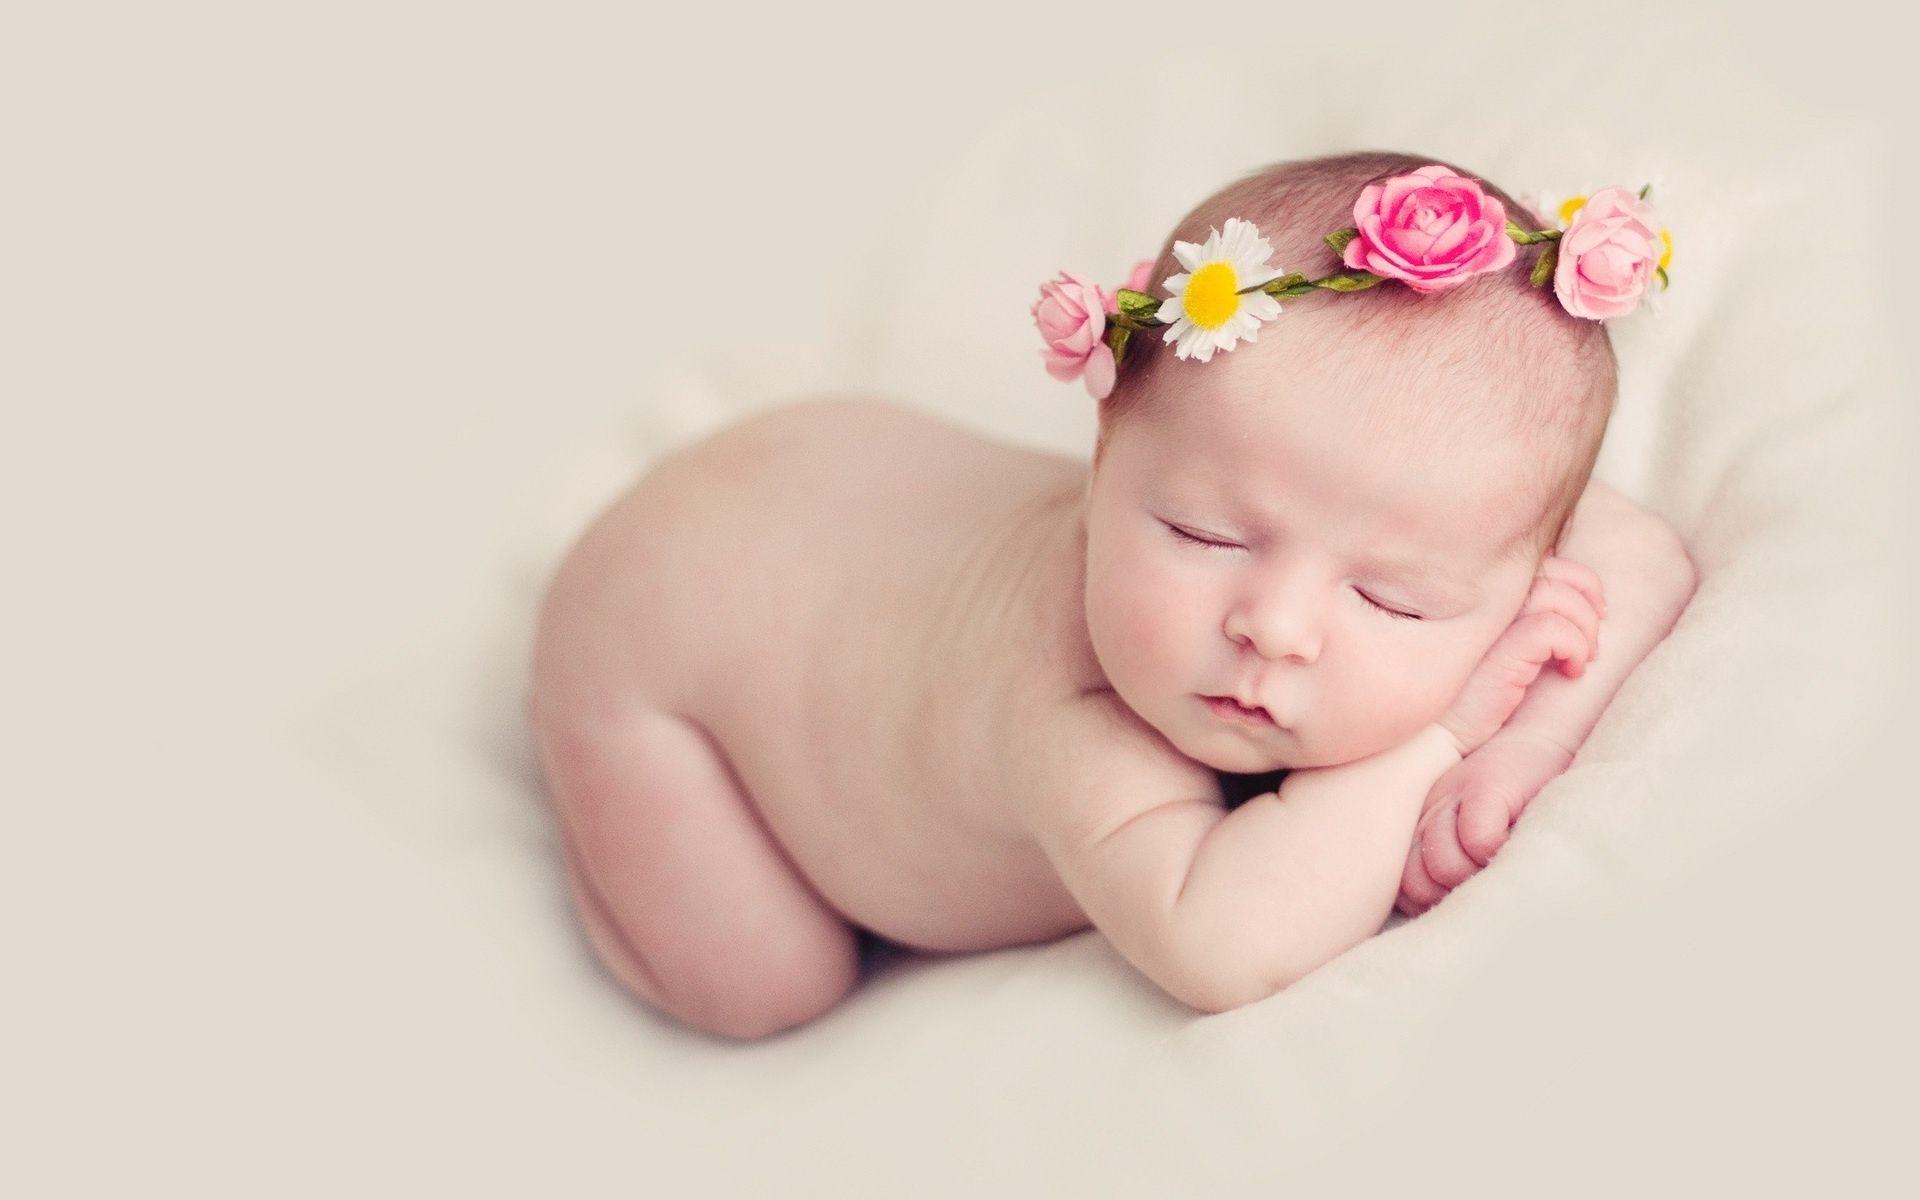 Cute babies wallpapers galleries